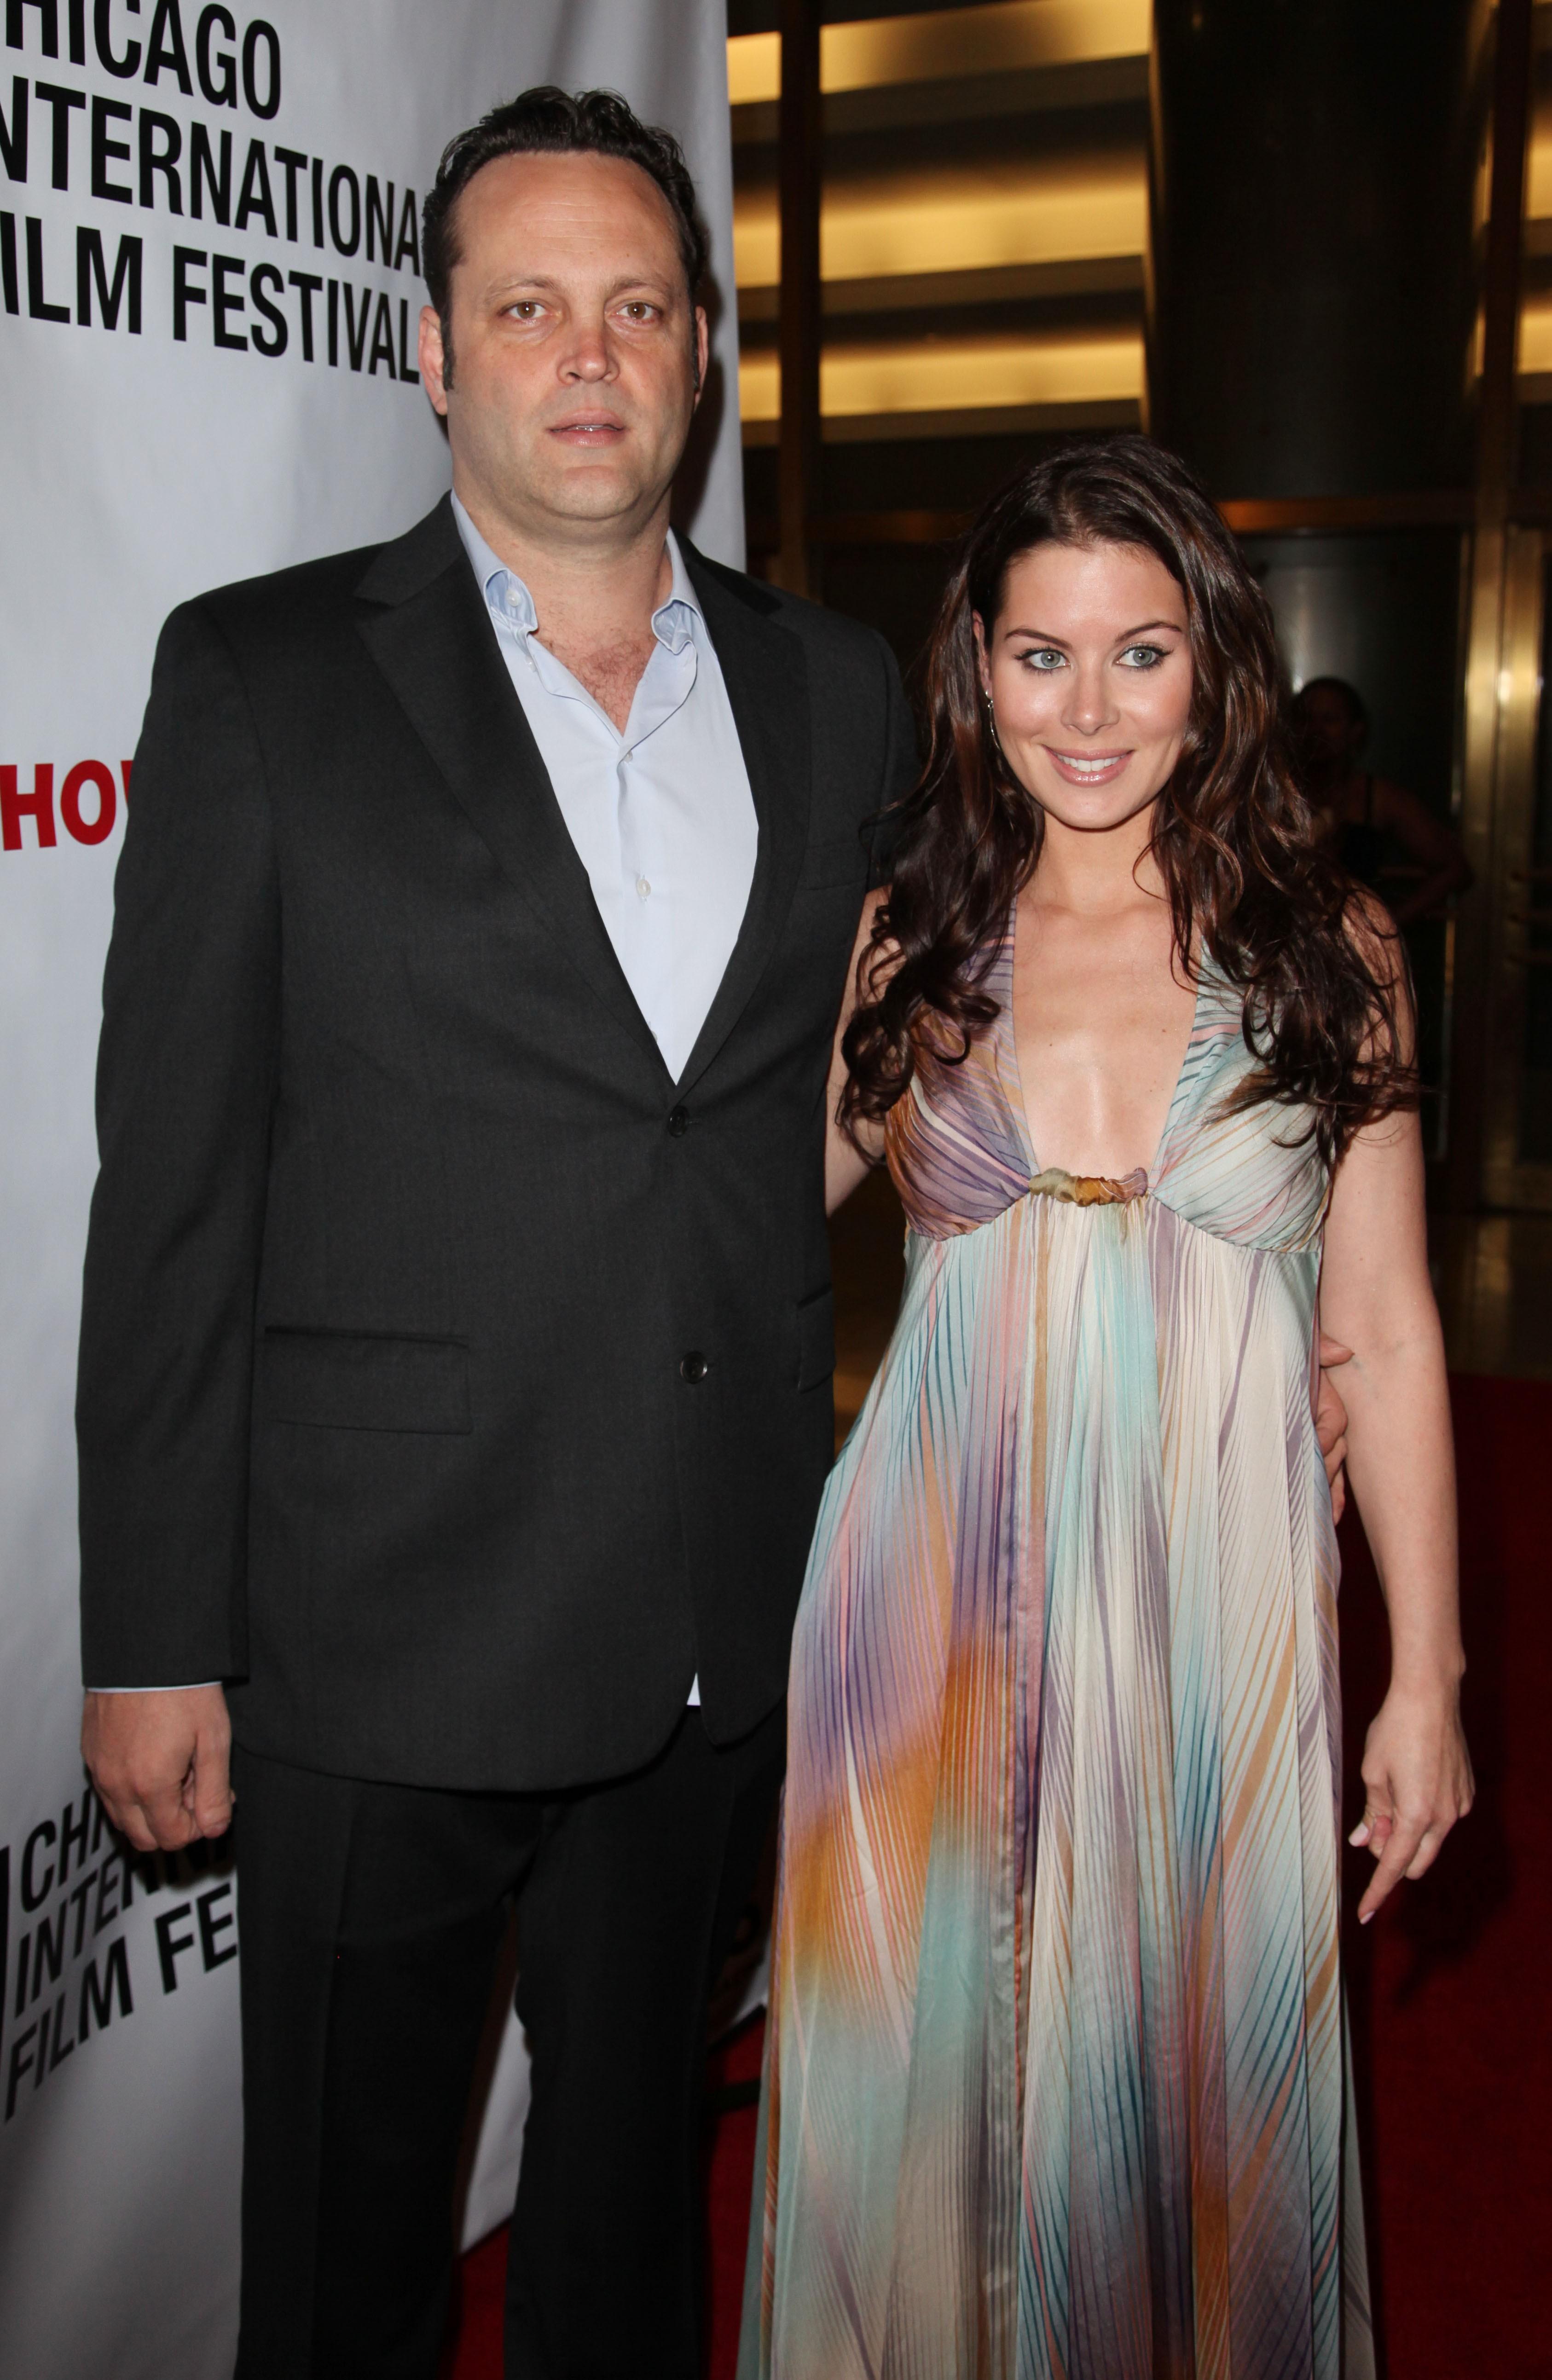 Depois de terminar o relacionamento com Jennifer Aniston, Vince mudou-se para o Canadá e conheceu a corretora de imóveis Kyla Weber. Eles se casaram em 2010. (Foto: Getty Images)